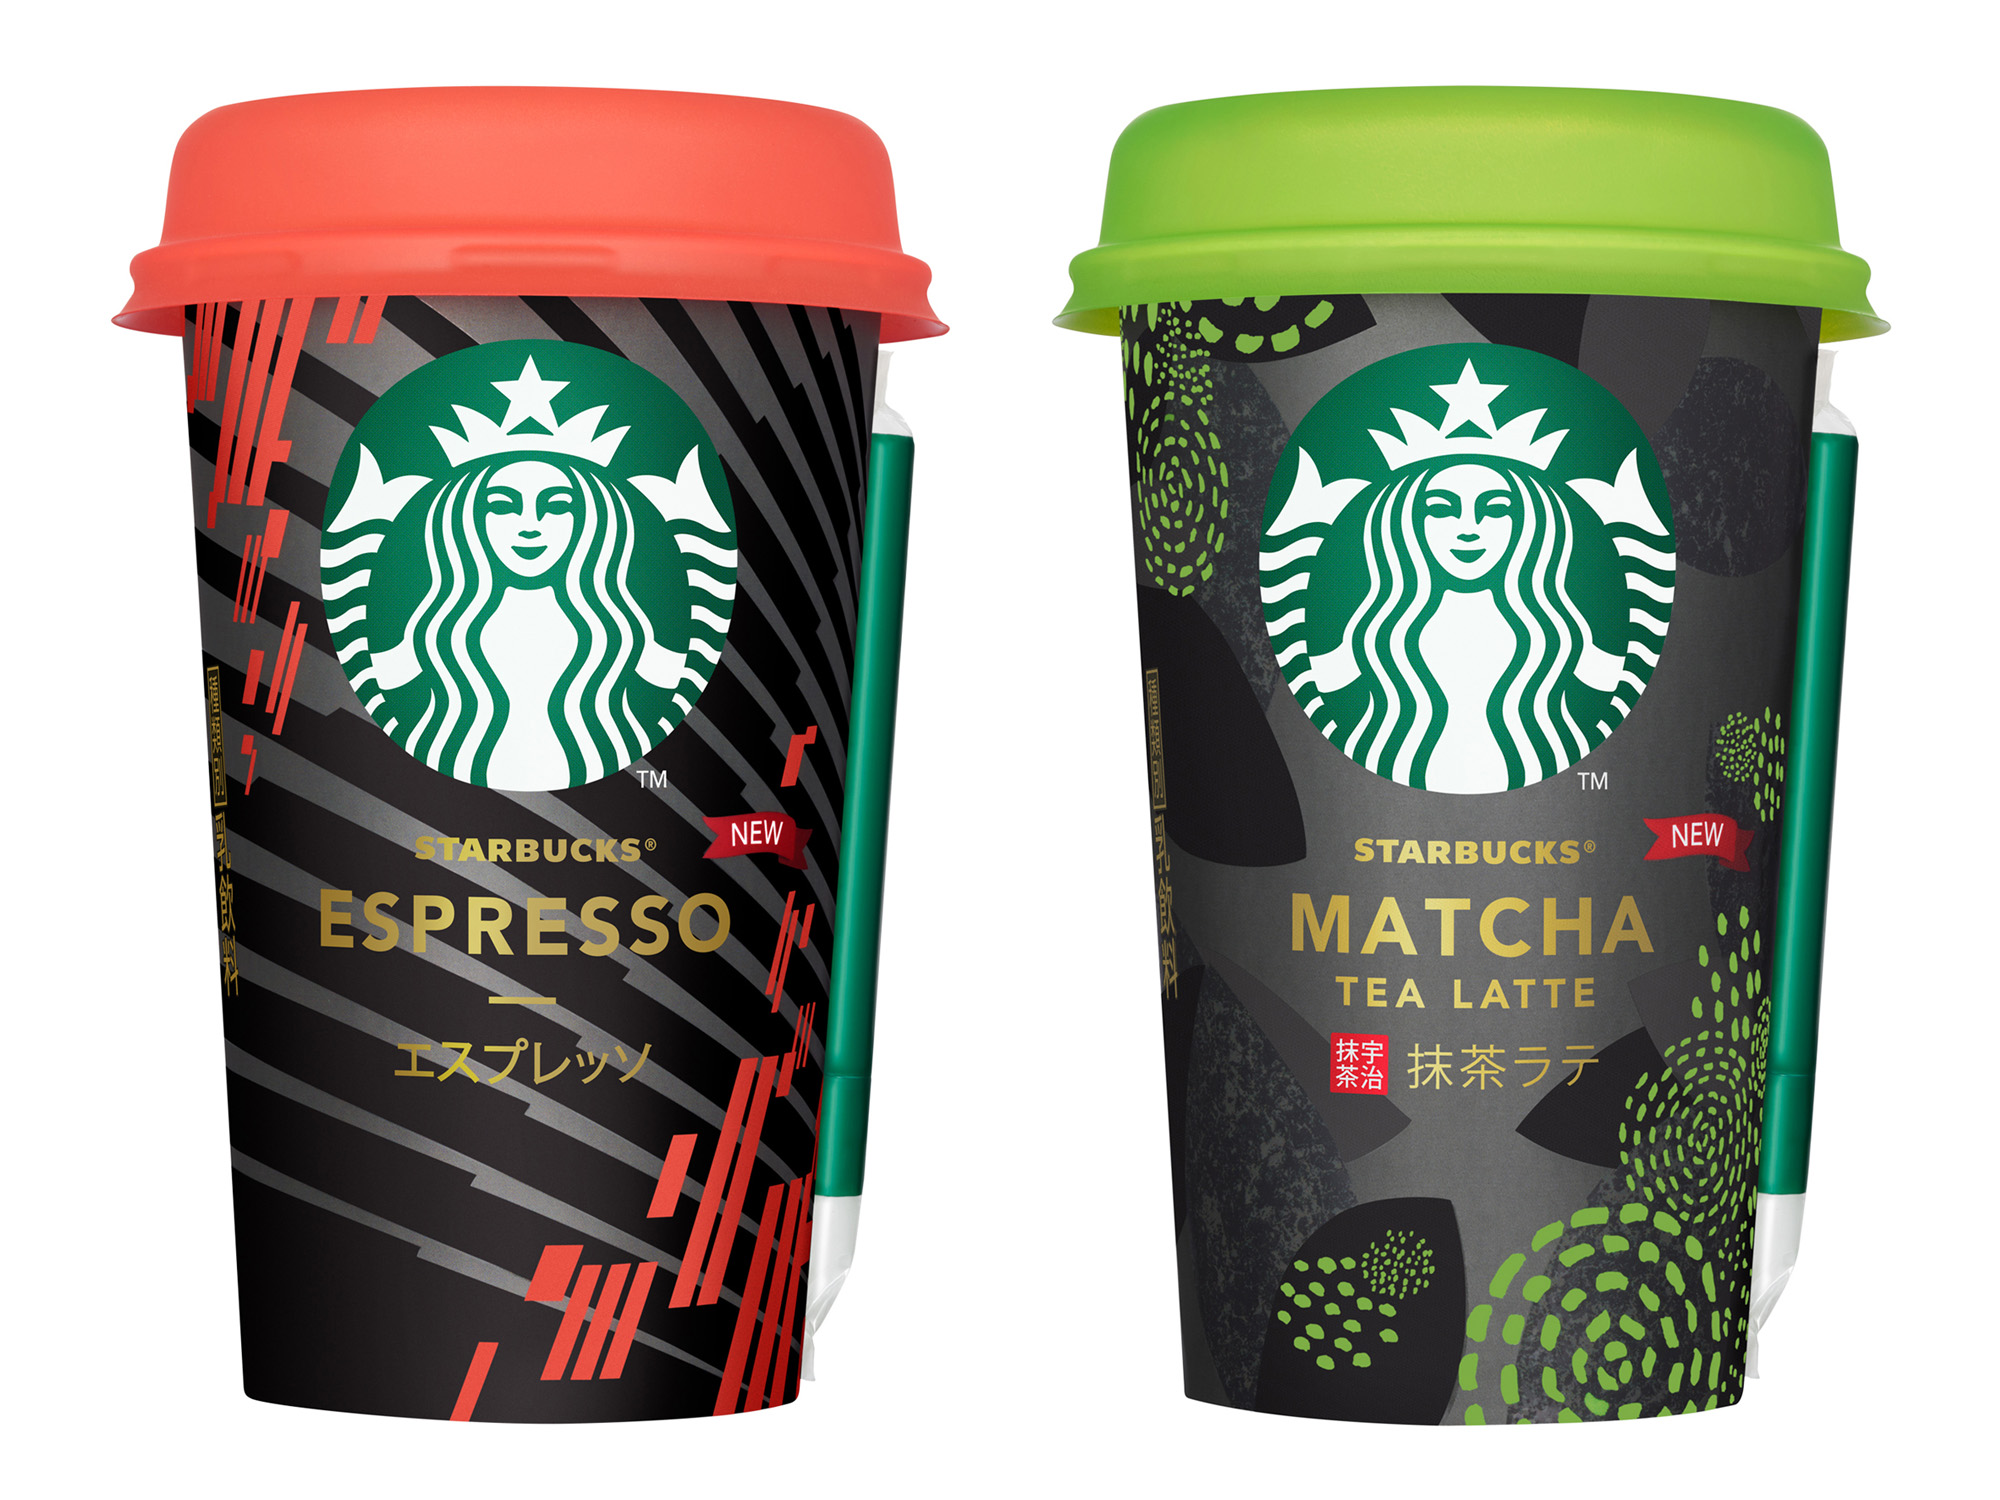 スターバックス チルドカップ「エスプレッソ」、「抹茶ラテ」リニューアル